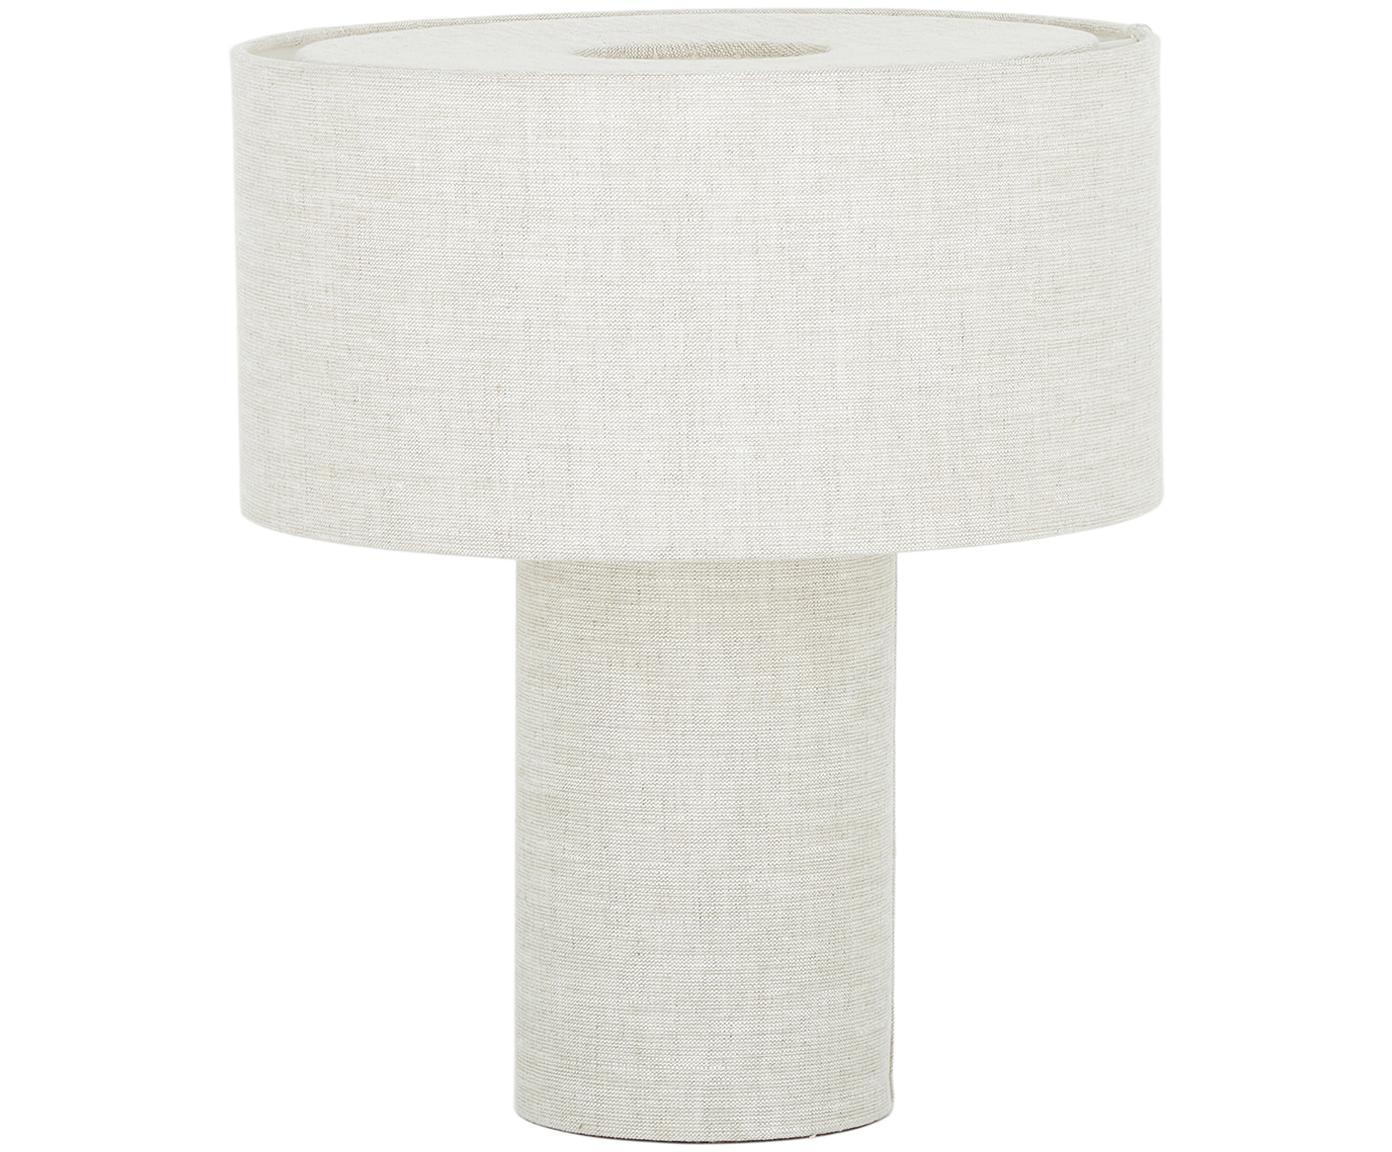 Tischleuchte Ron aus Stoff, Lampenschirm: Textil, Lampenfuß: Kunststoff mit Textilbezu, Beige, Ø 30 x H 35 cm